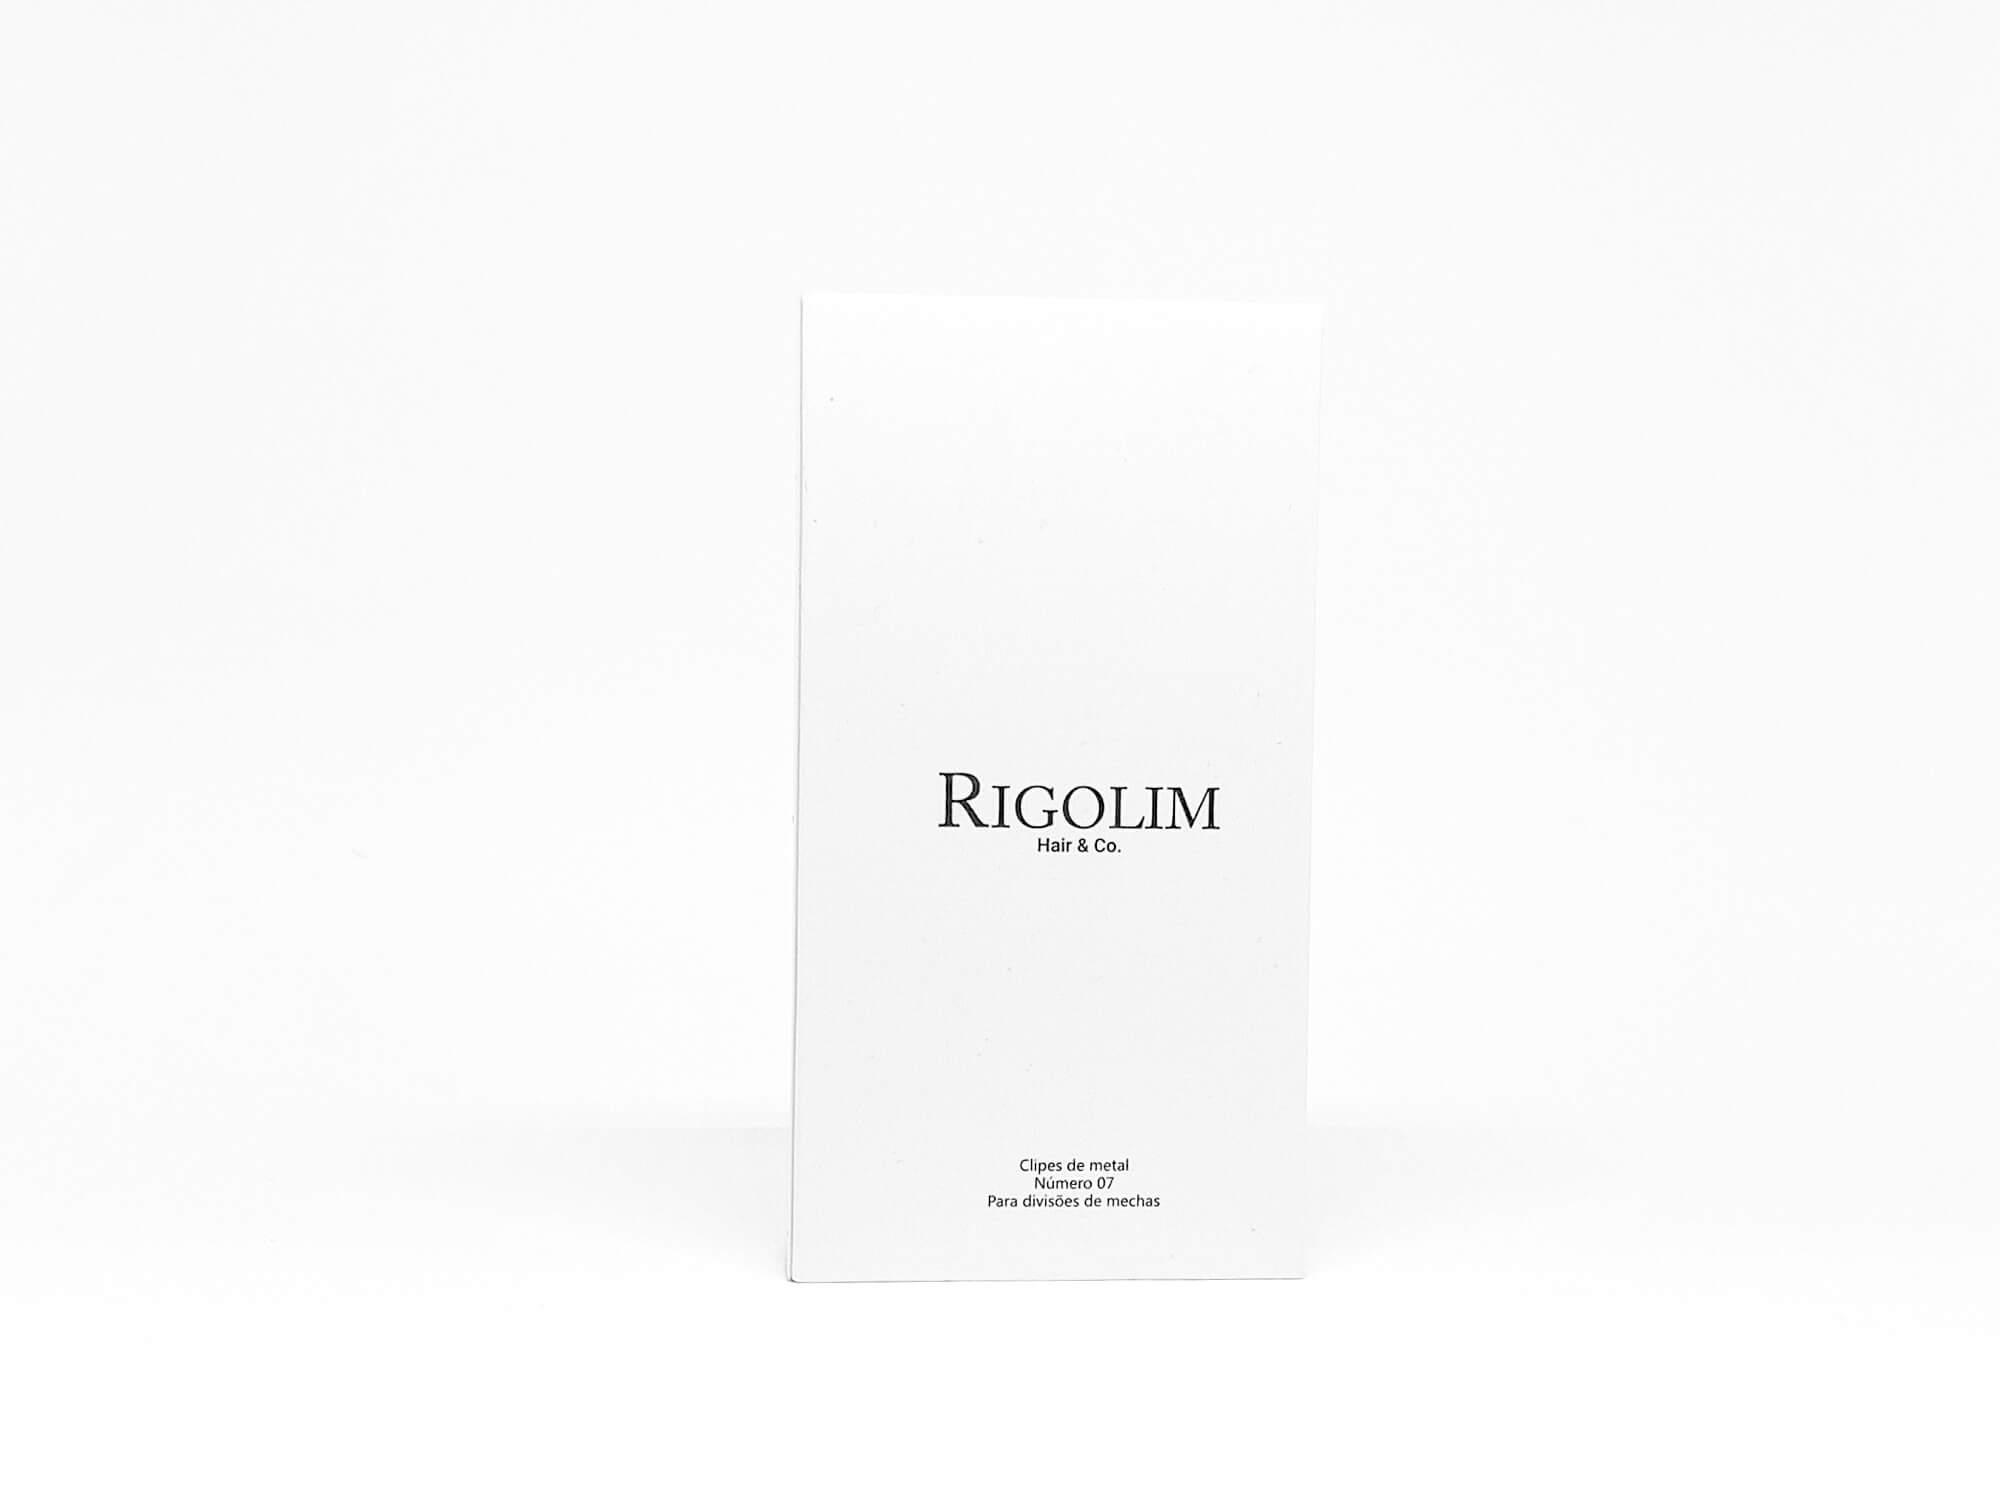 CLIPE DE METAL Nº07 - RIGOLIM HAIR & CO 6un